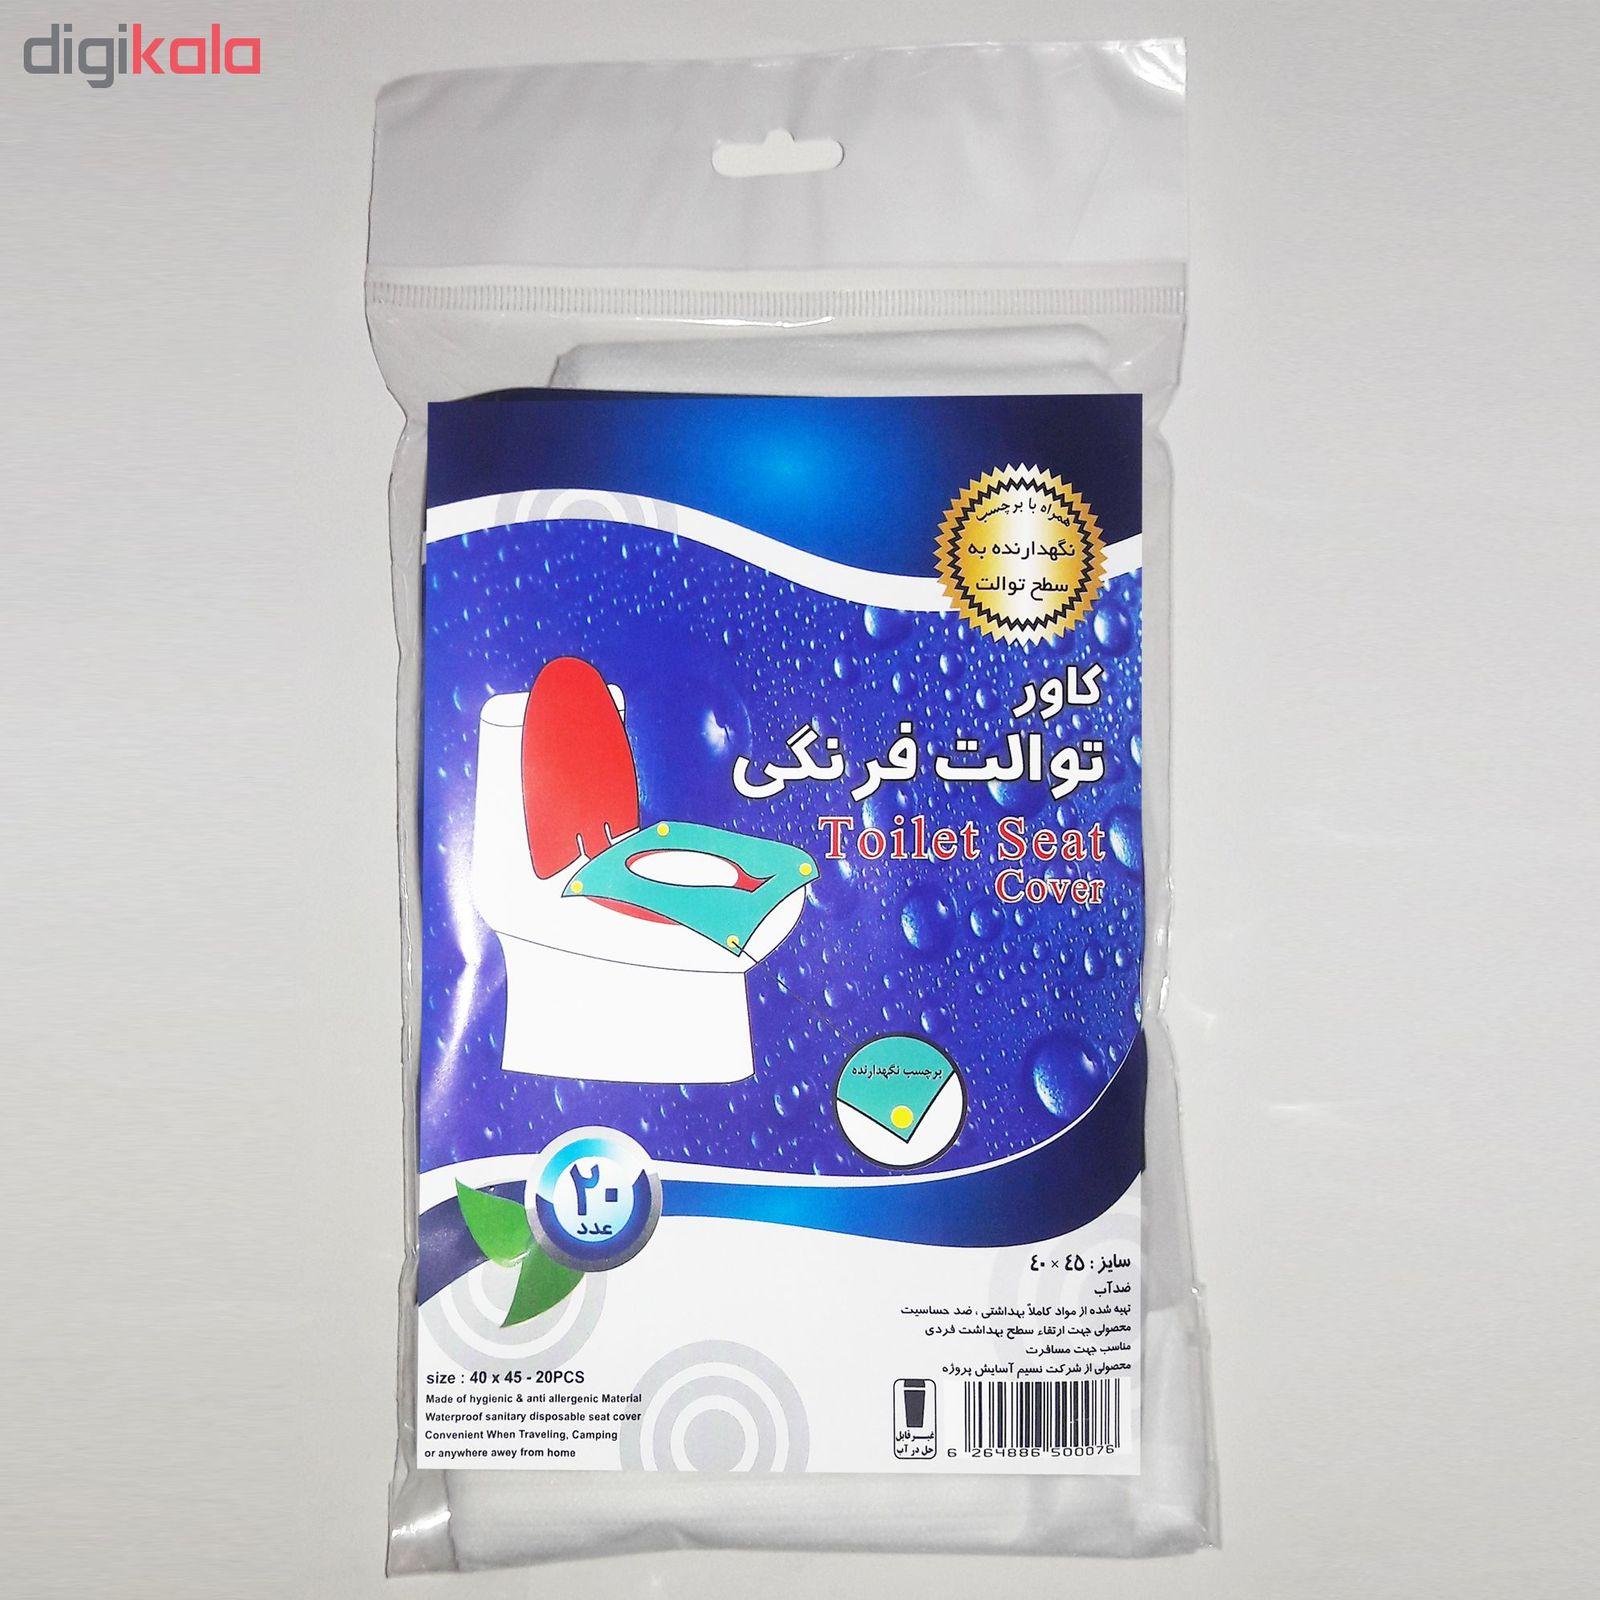 روکش یکبار مصرف توالت فرنگی مدل Toilet Cover - بسته 20 عددی main 1 1